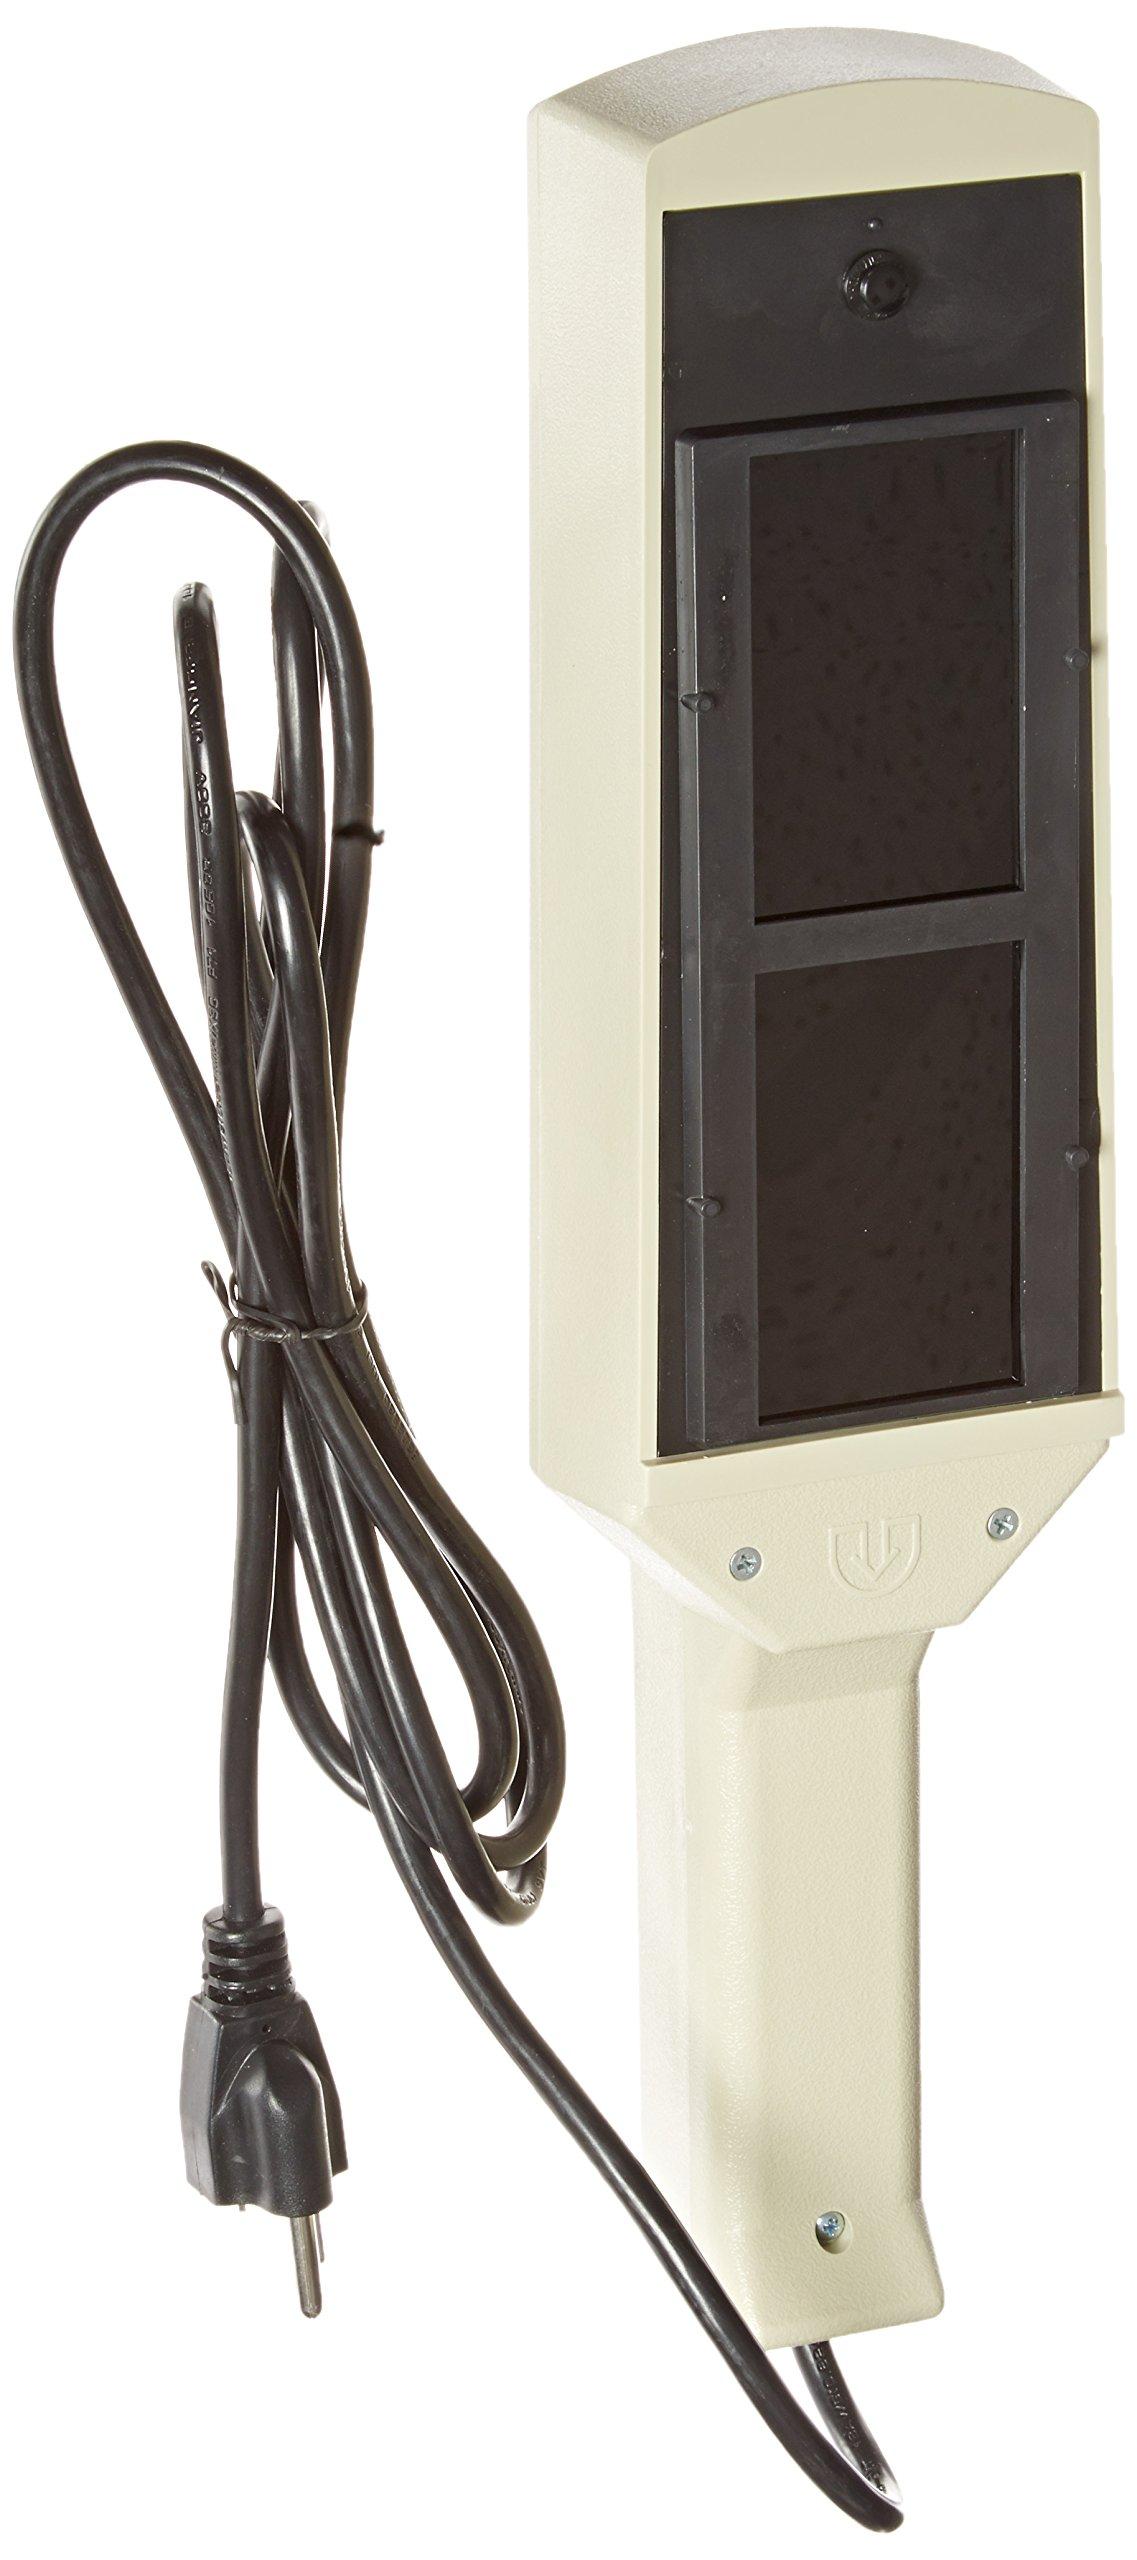 UVP 95-0004-09 Model UVG-54 Handheld 6 Watt UV Lamp, 254nm Wavelength, 115V